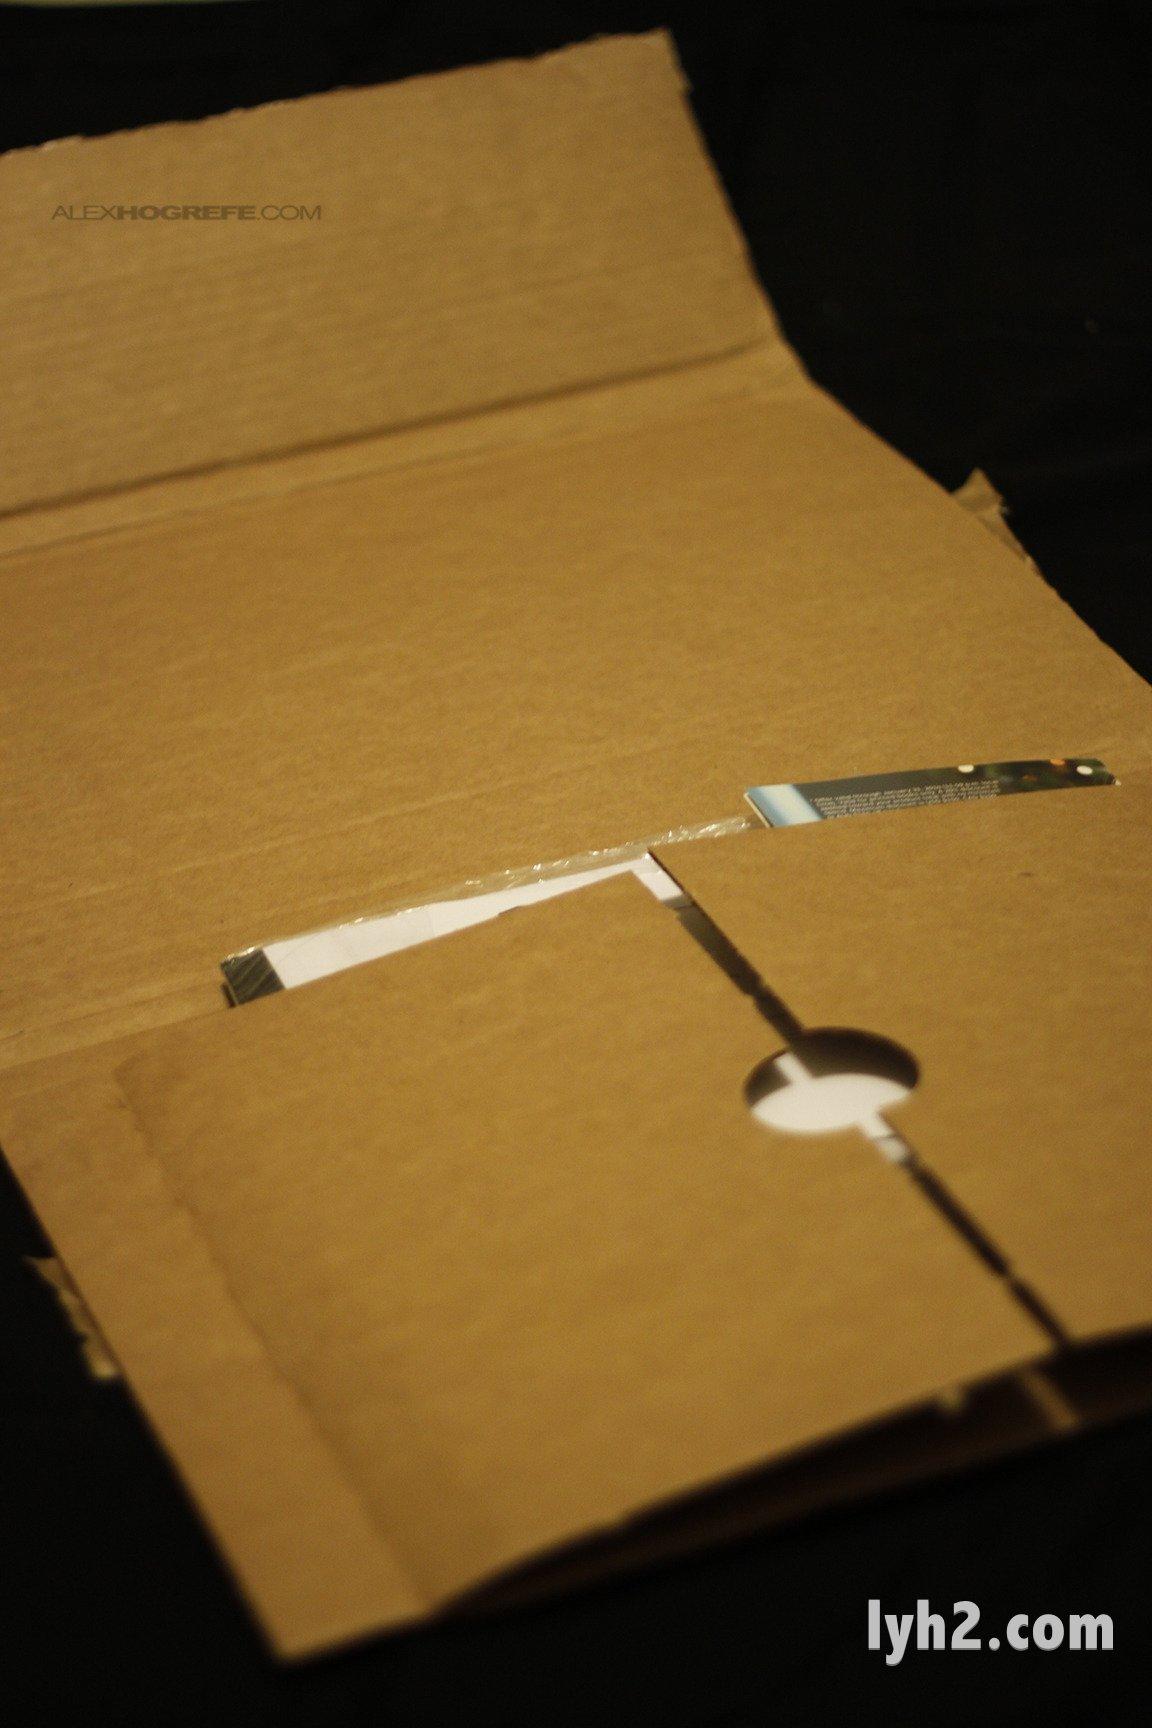 blurb_hardcover_packaging.jpg